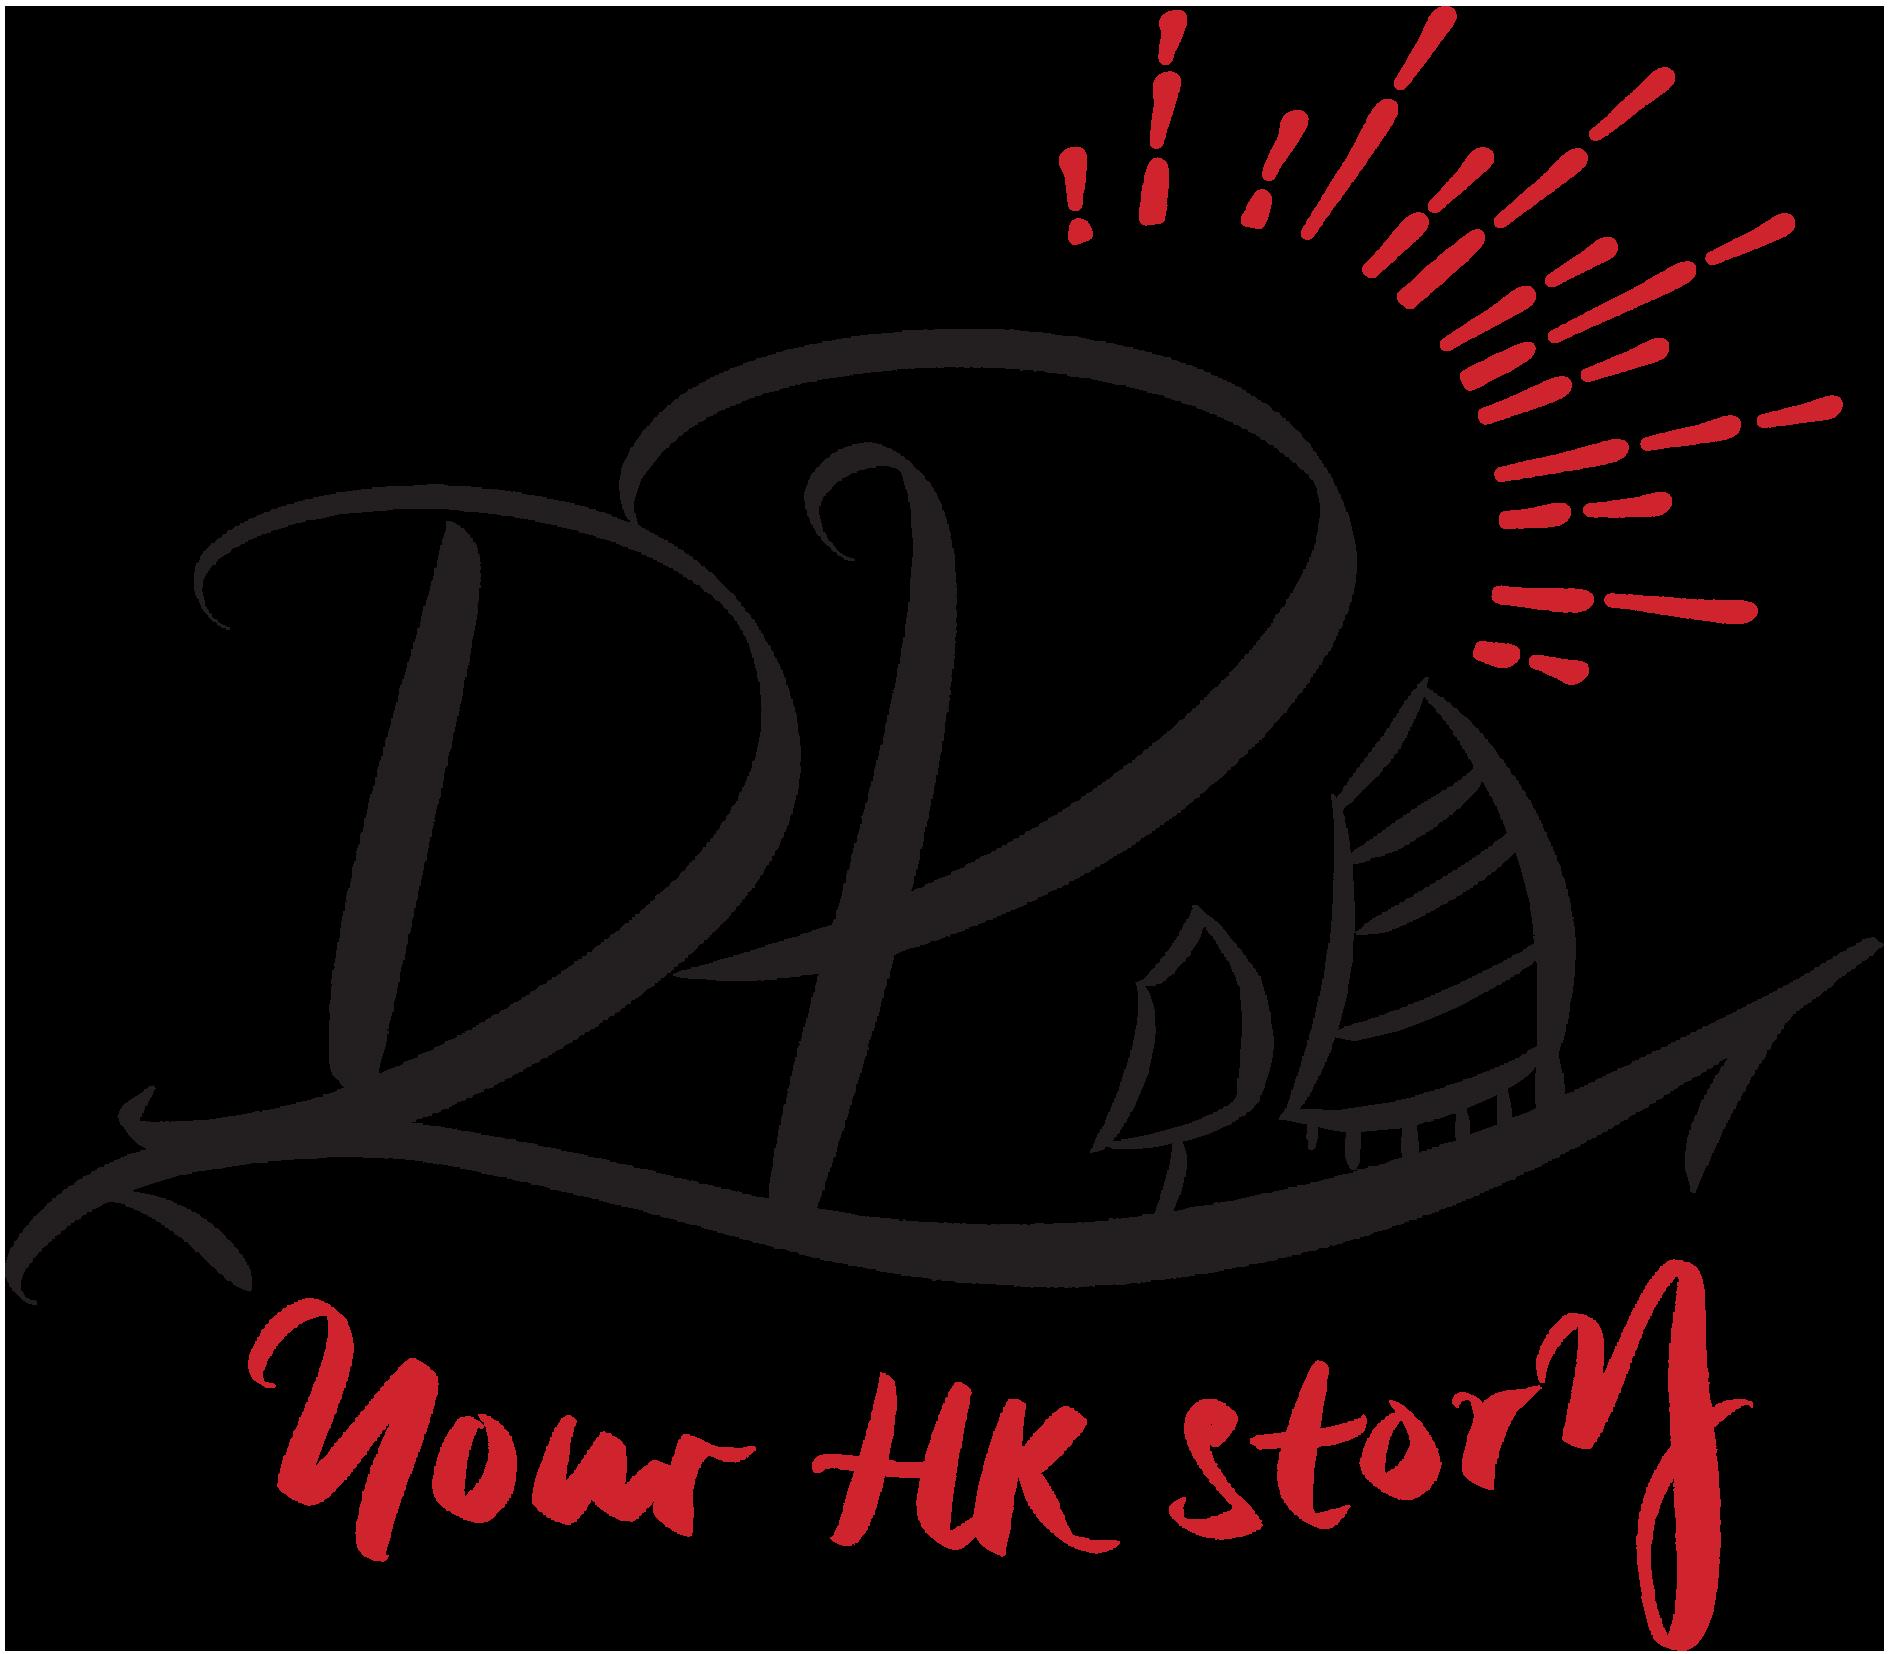 Dreams, Passion & Your Hong Kong Story